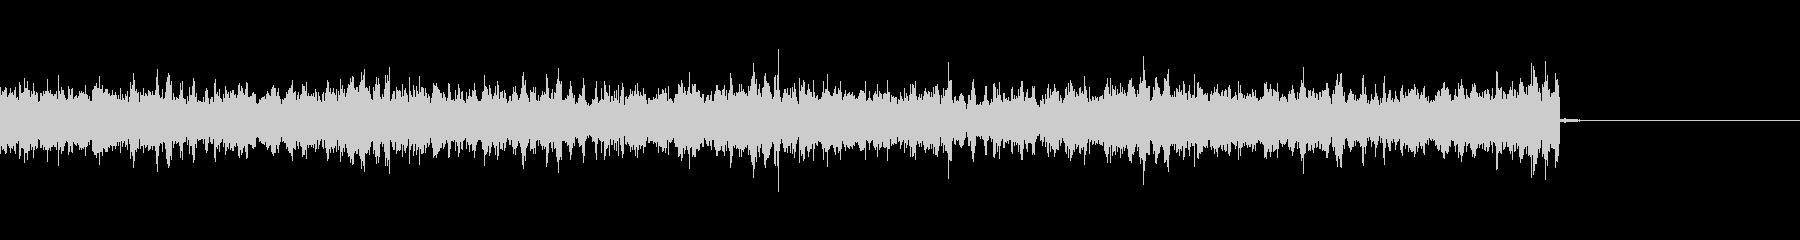 奇妙なテクスチャ的効果音の未再生の波形